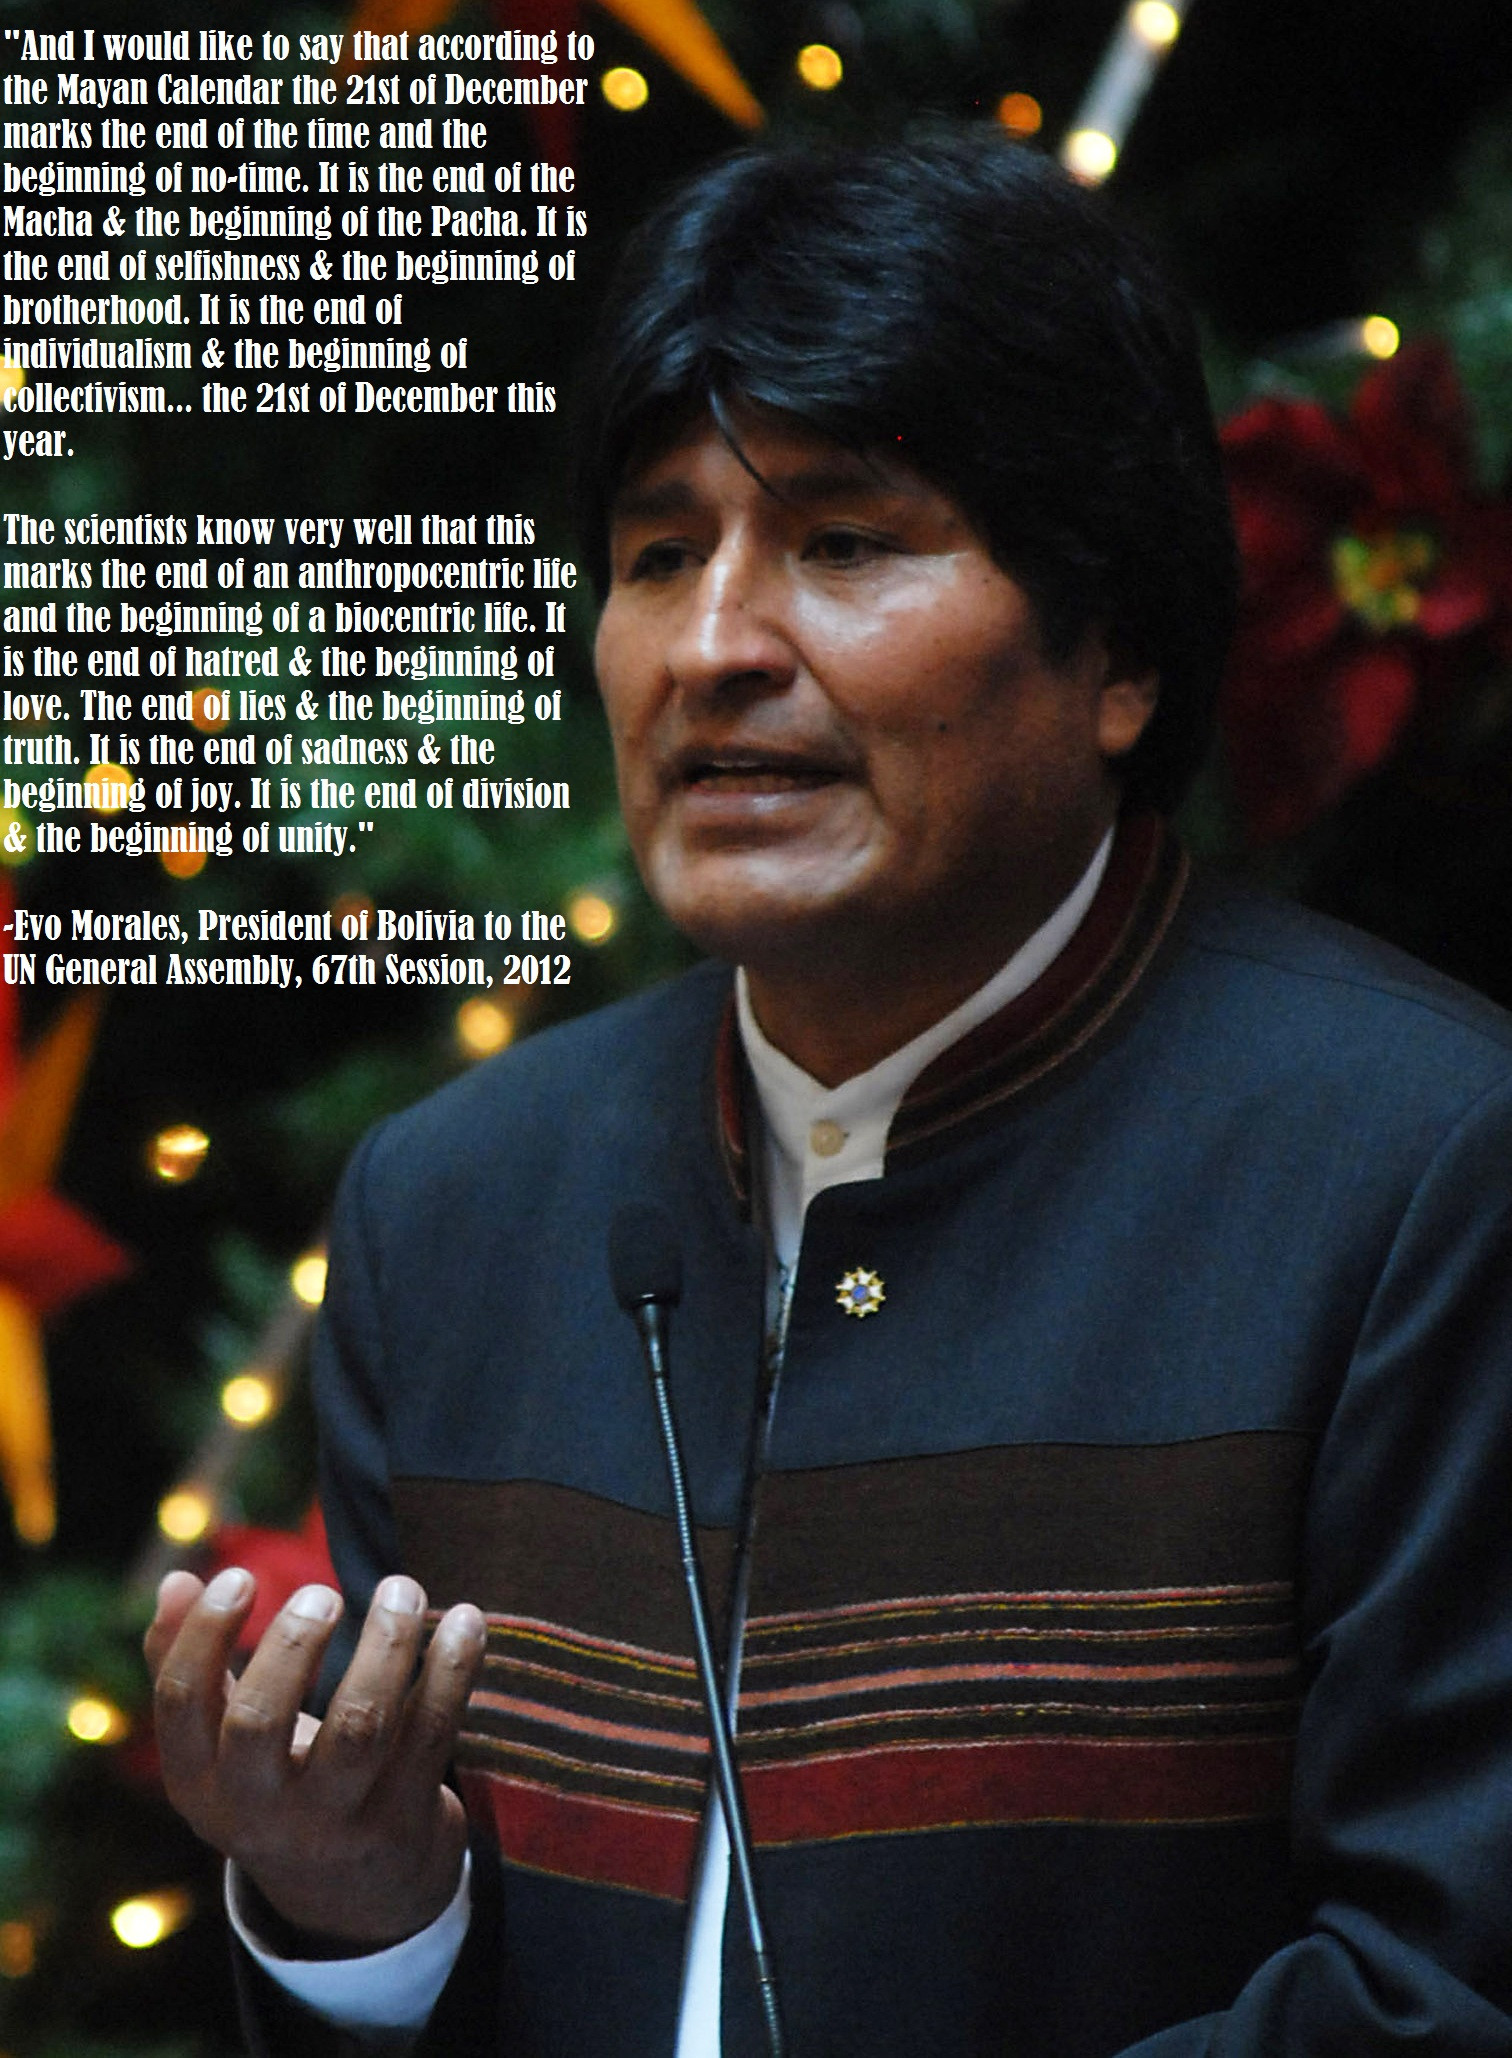 Evo Morales's quote #4